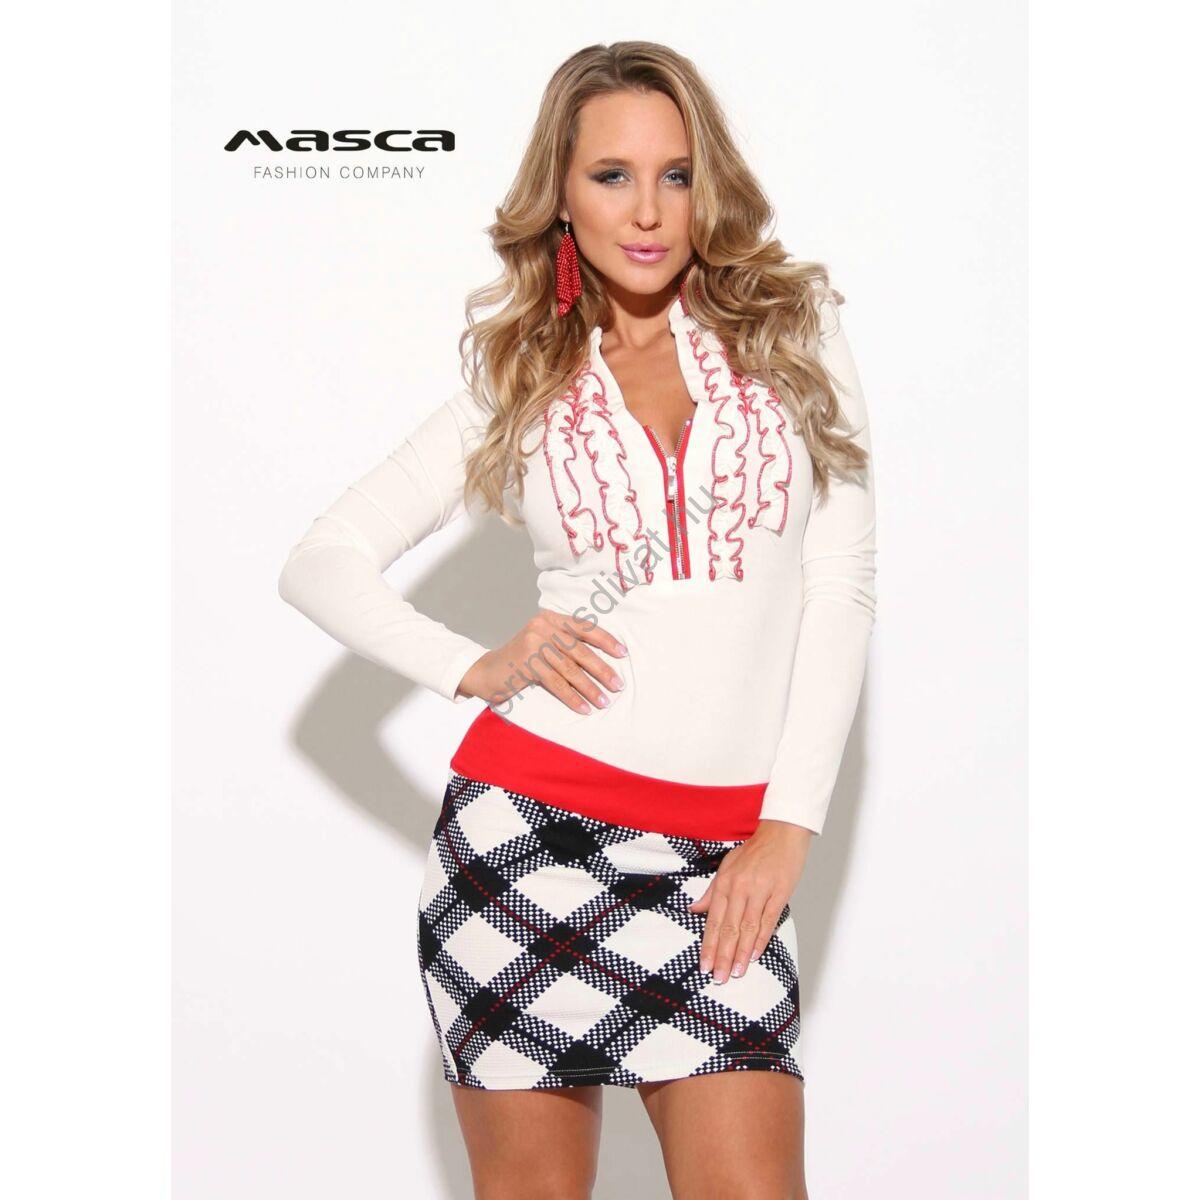 9a62087775 Kép 1/1 - Masca Fashion piros tűzésű fodros, cipzáras dekoltázsú fehér  hosszú ujjú miniruha, burberry kockás szoknyarésszel